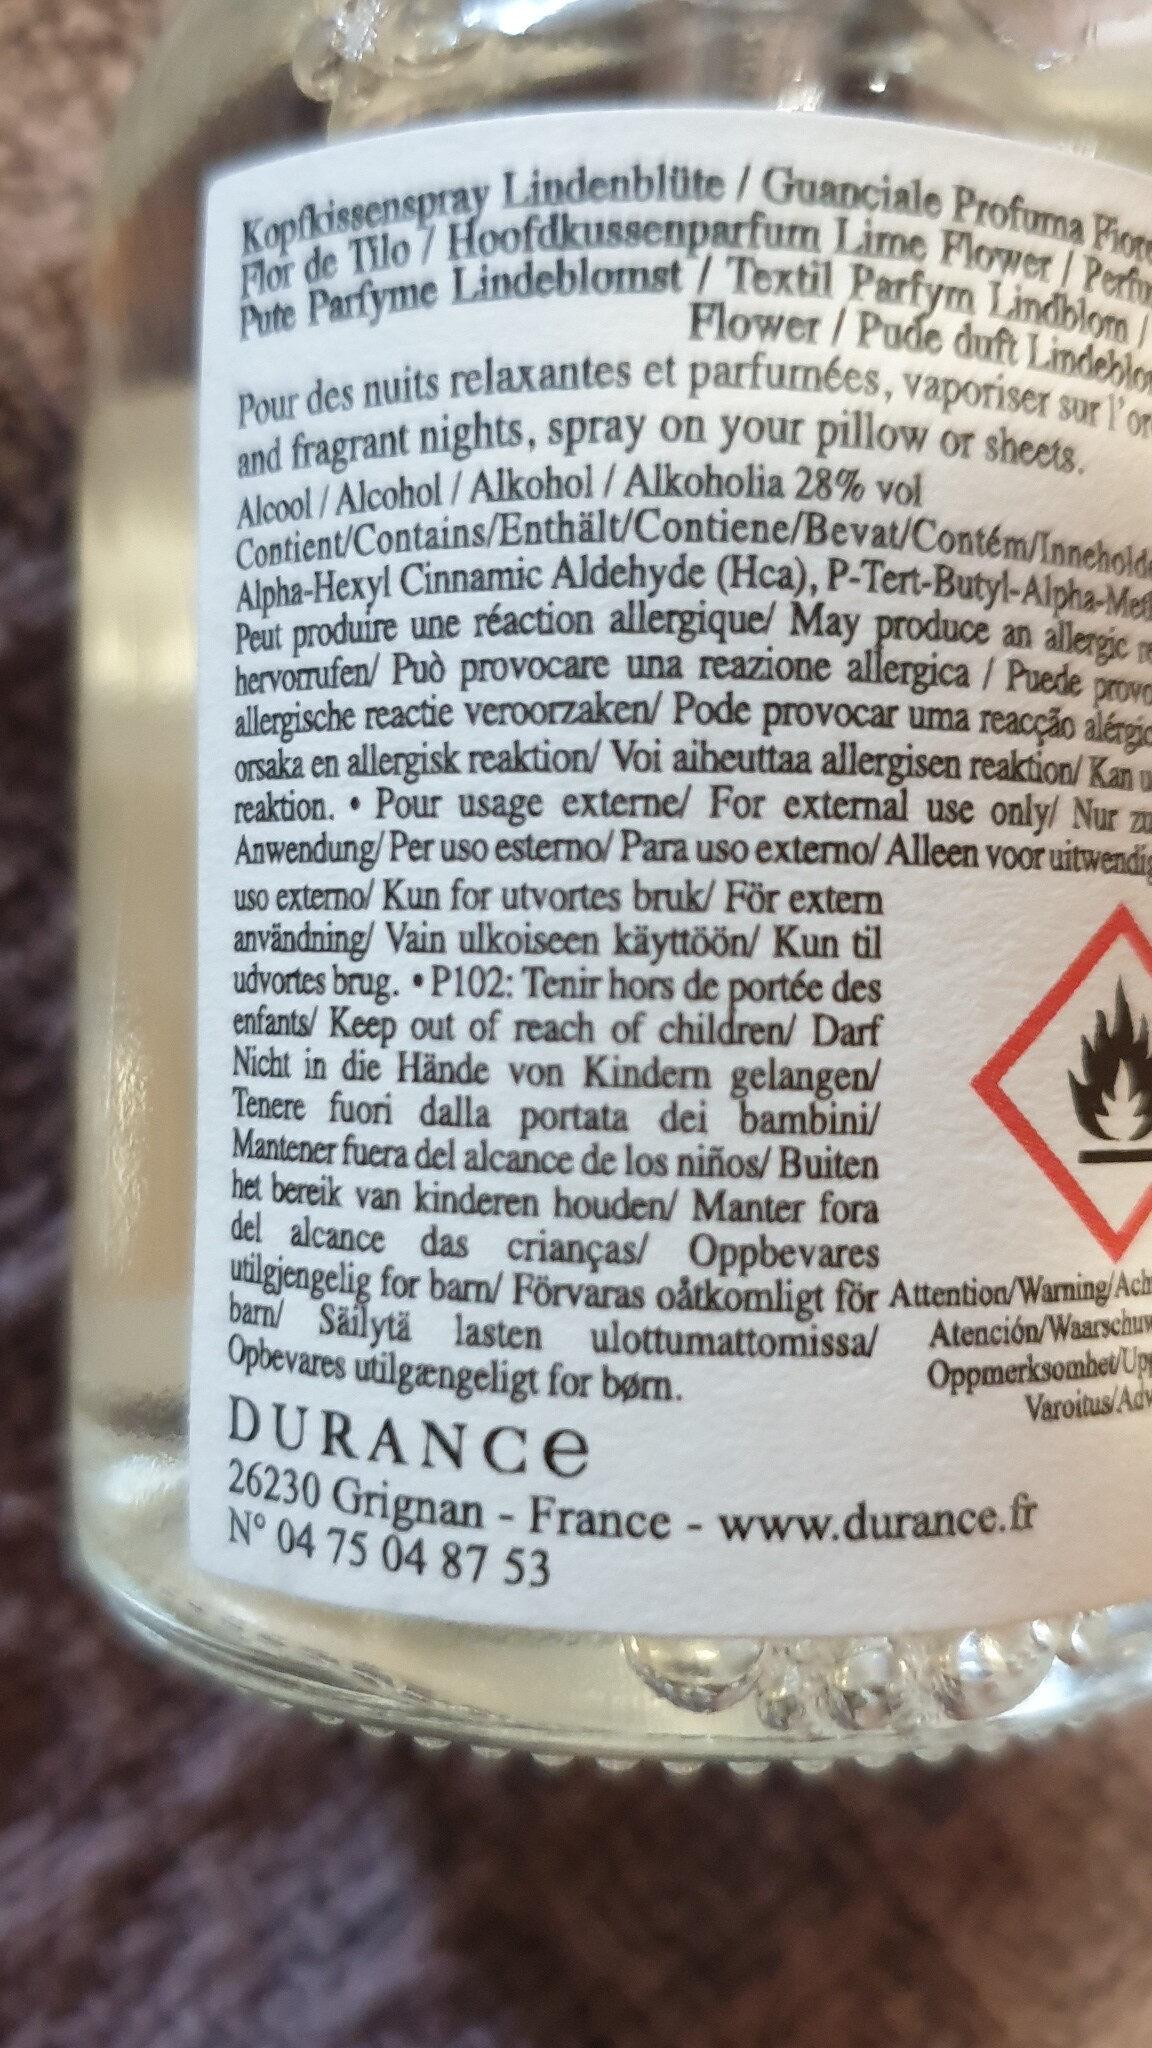 DURANCE BRUME D'OREILLER - Ingredients